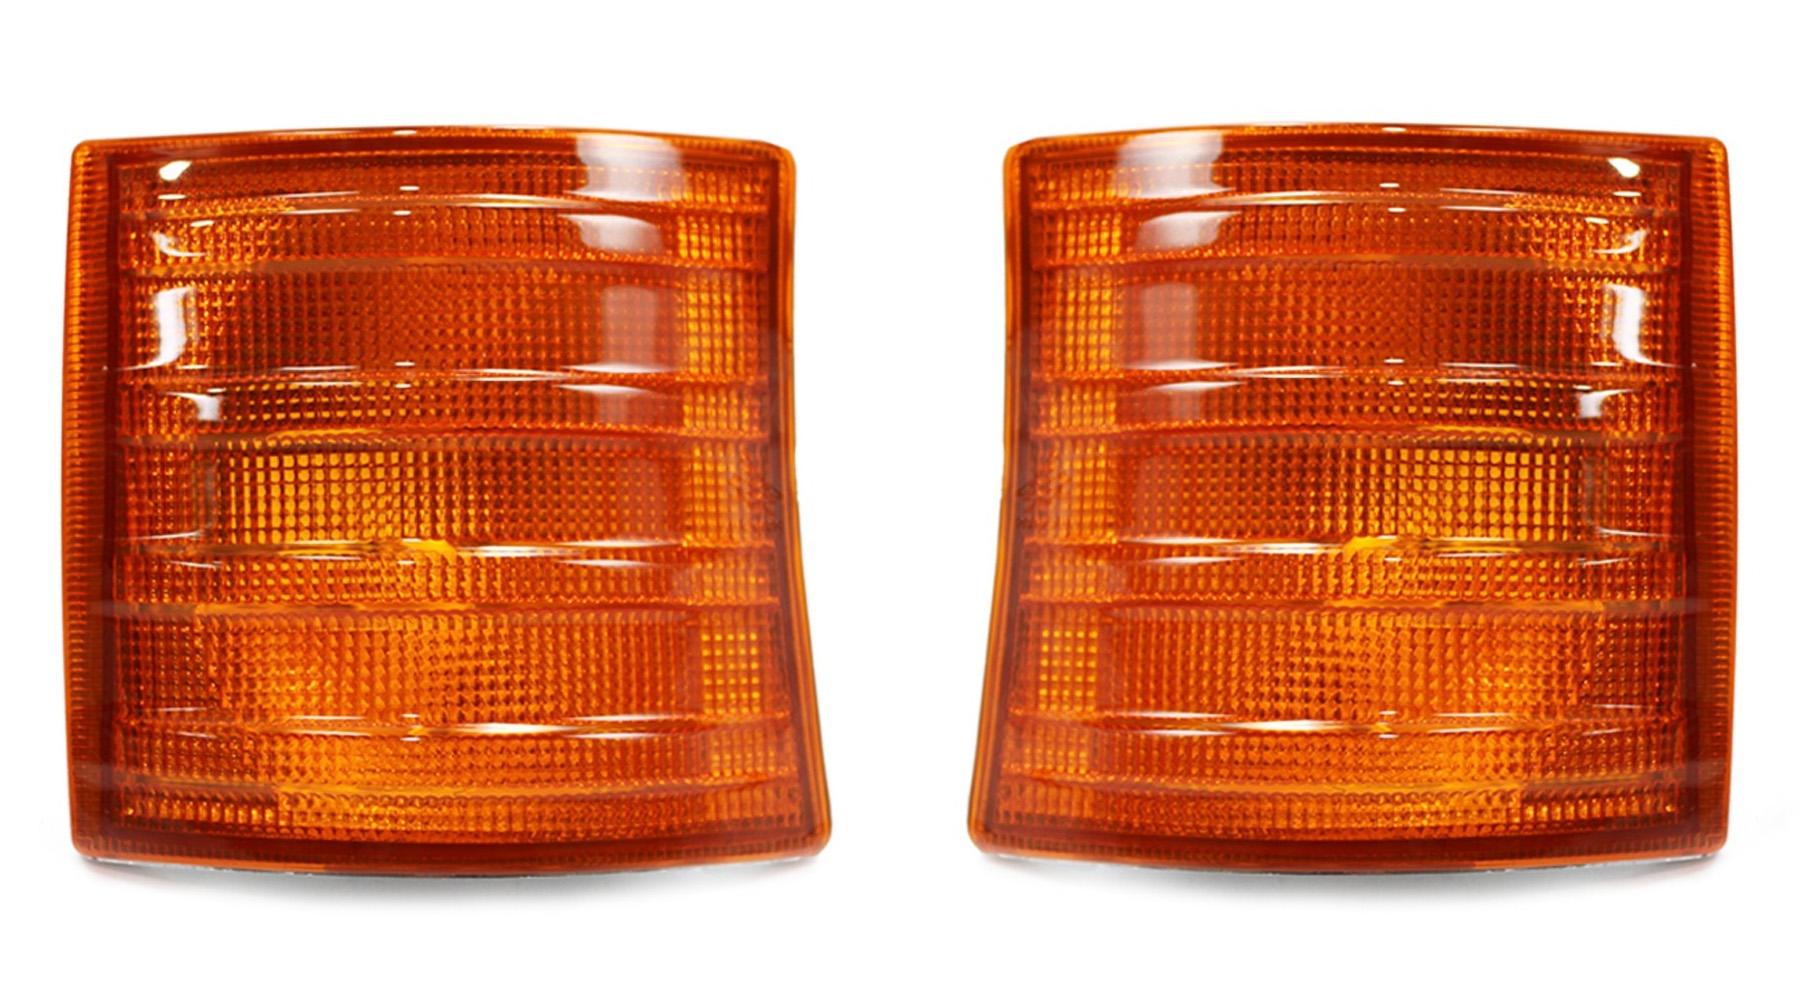 Lanterna Seta Mb 709 710 912 914 Bicudinho - Amarela (Par)